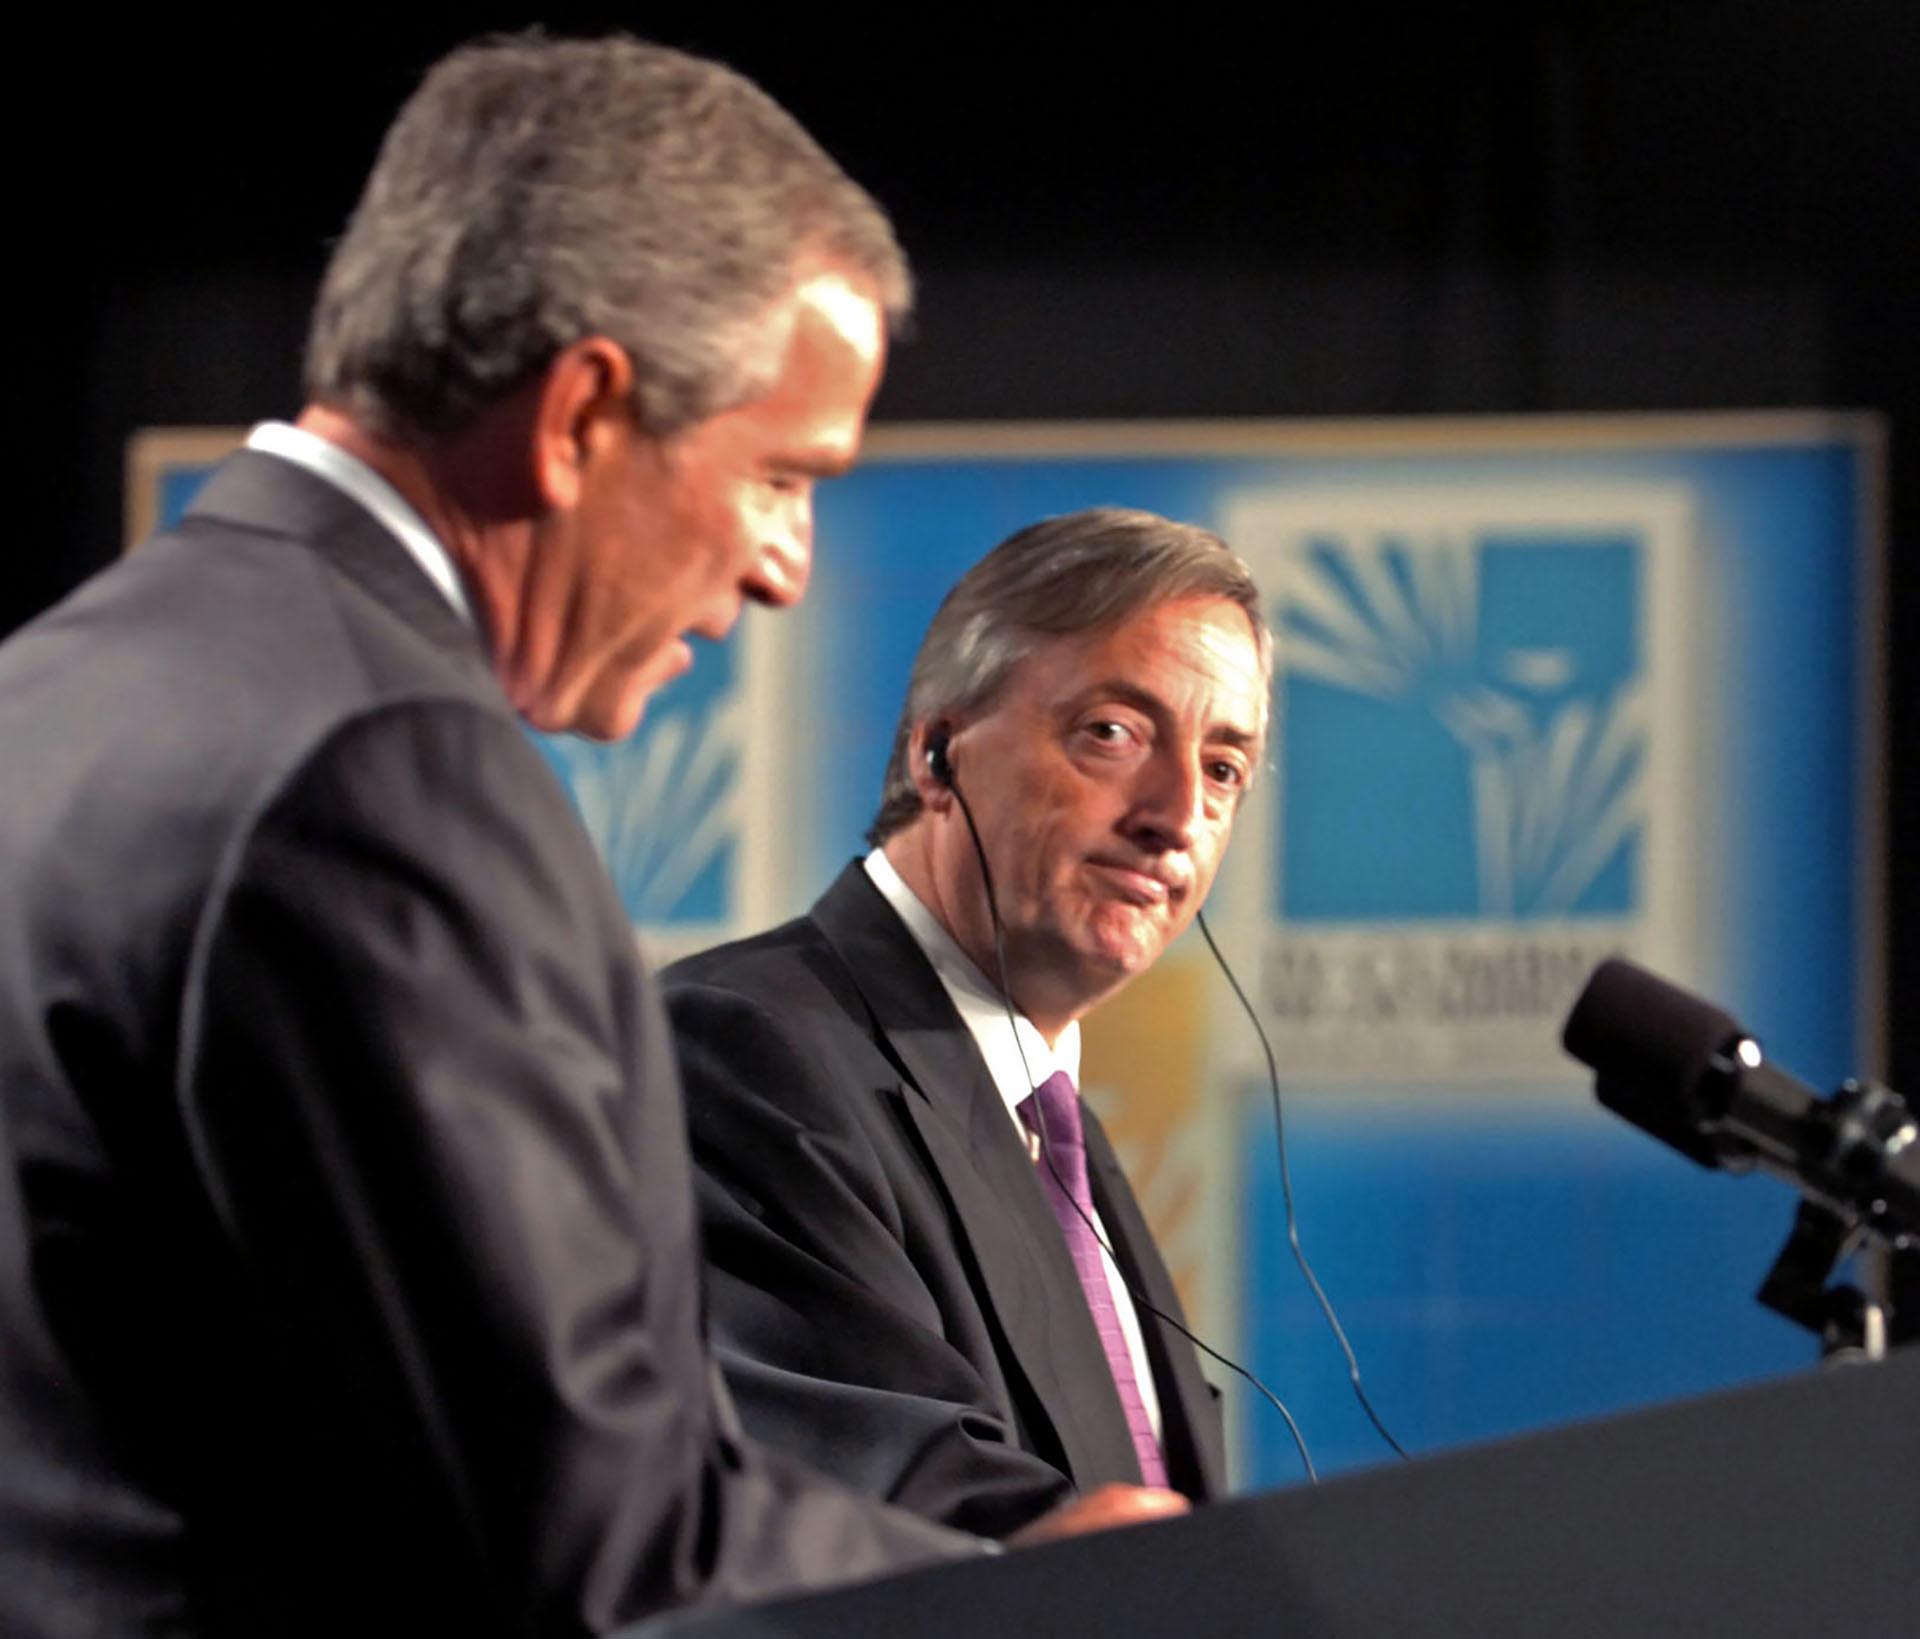 El presidente norteamericano George W. Bush y y su par argentino, Néstor Kirchner, durante la conferencia de prensa que ofrecieron luego de reunirse